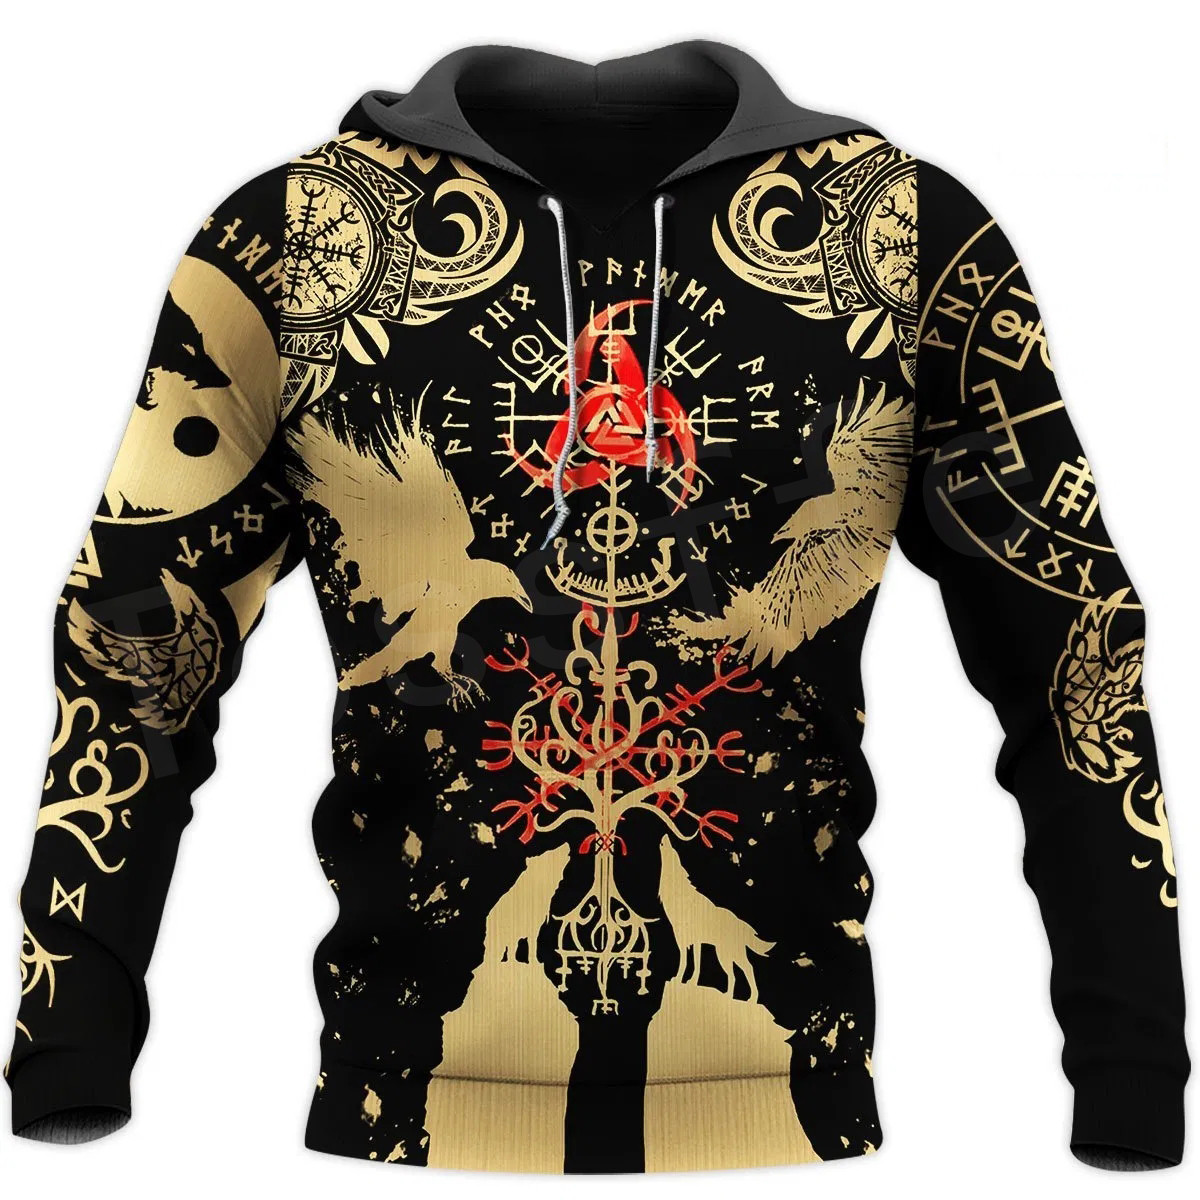 Tessffel Vikings Symbol Tattoo Viking Warriors NewFashion Trucksuit 3DPrint Casual Unisex Zipper/Sweatshirts/Hoodies/Jacket B-13